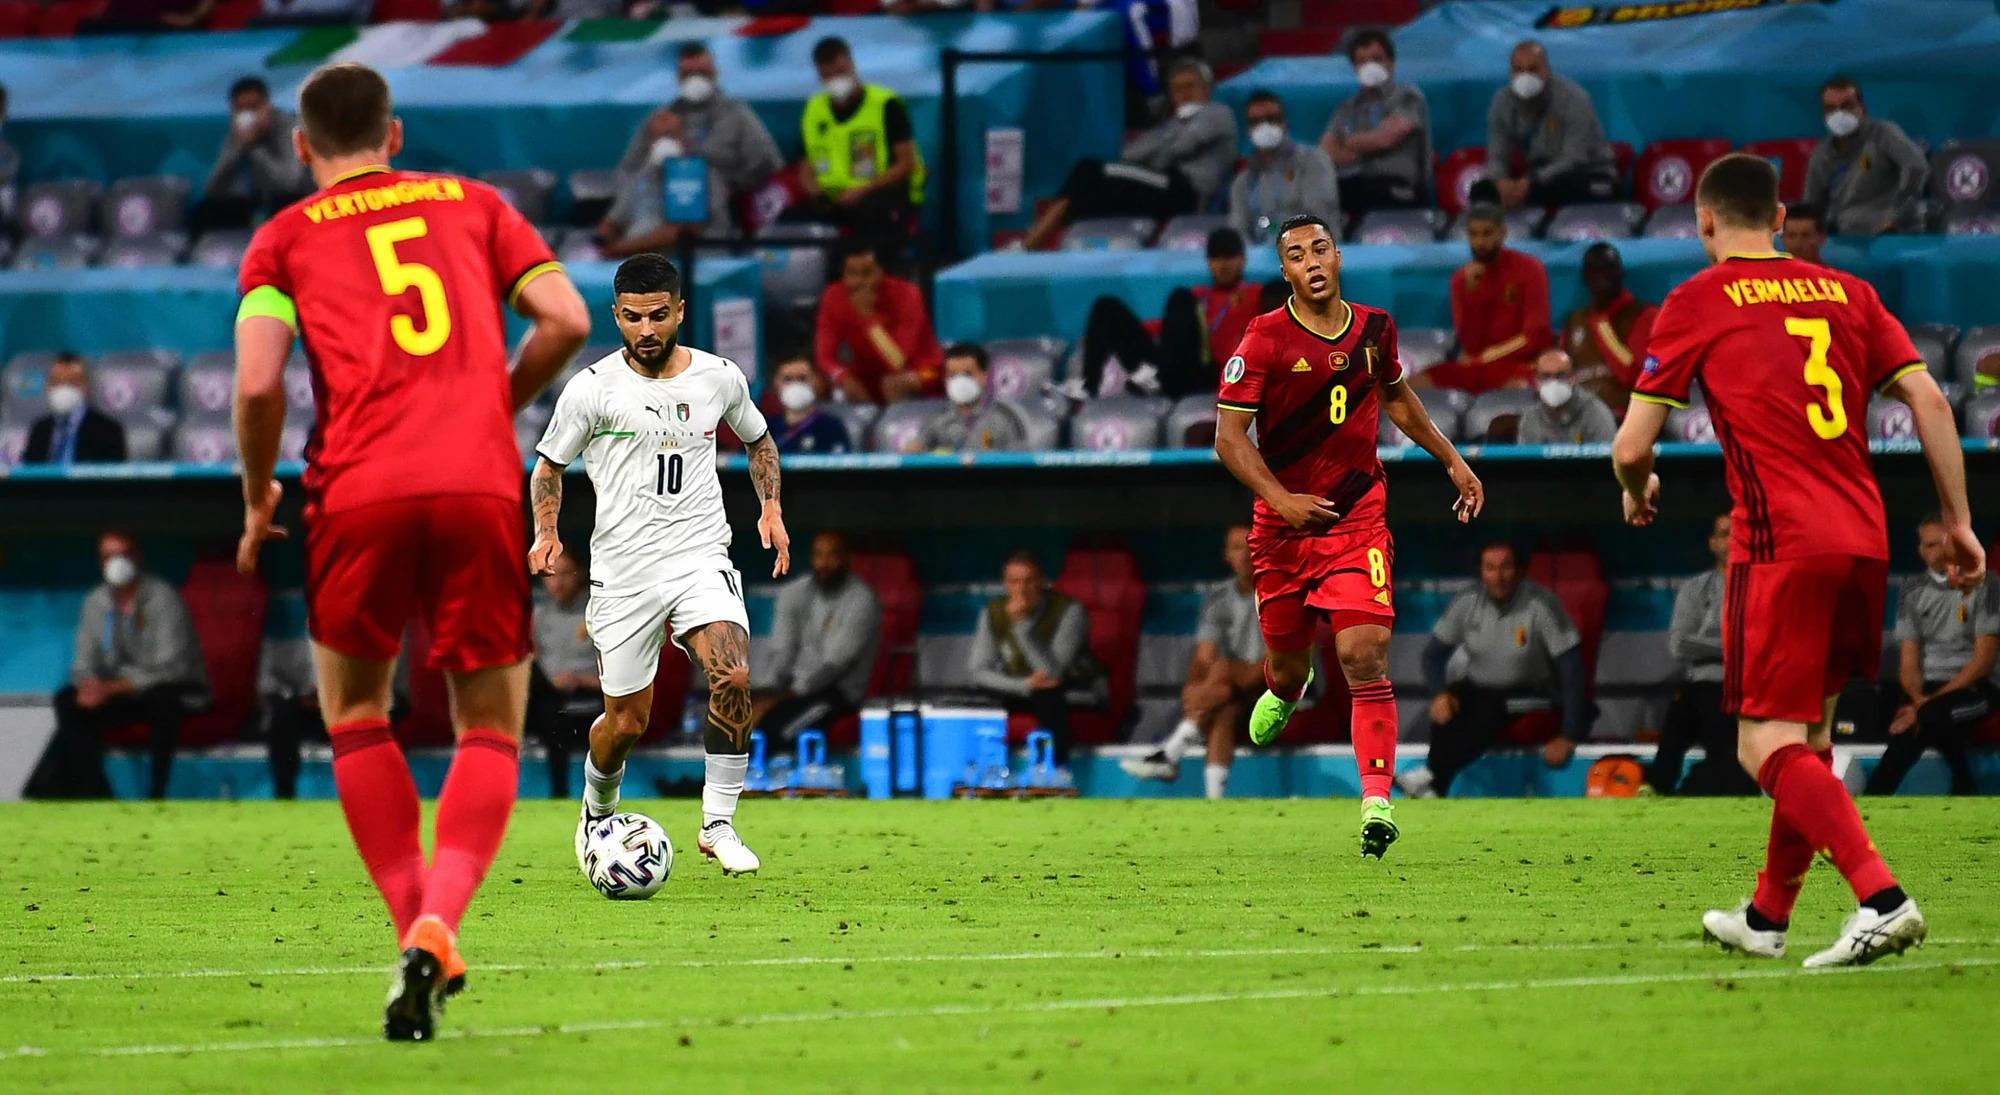 Insigne trong pha dốc bóng trước khi cứa lòng tuyệt đẹp tung lưới Bỉ ở phút 44 trận tứ kết Euro 2021 trên sân Allianz, Munich, Đức hôm 2/7. Ảnh: EPA